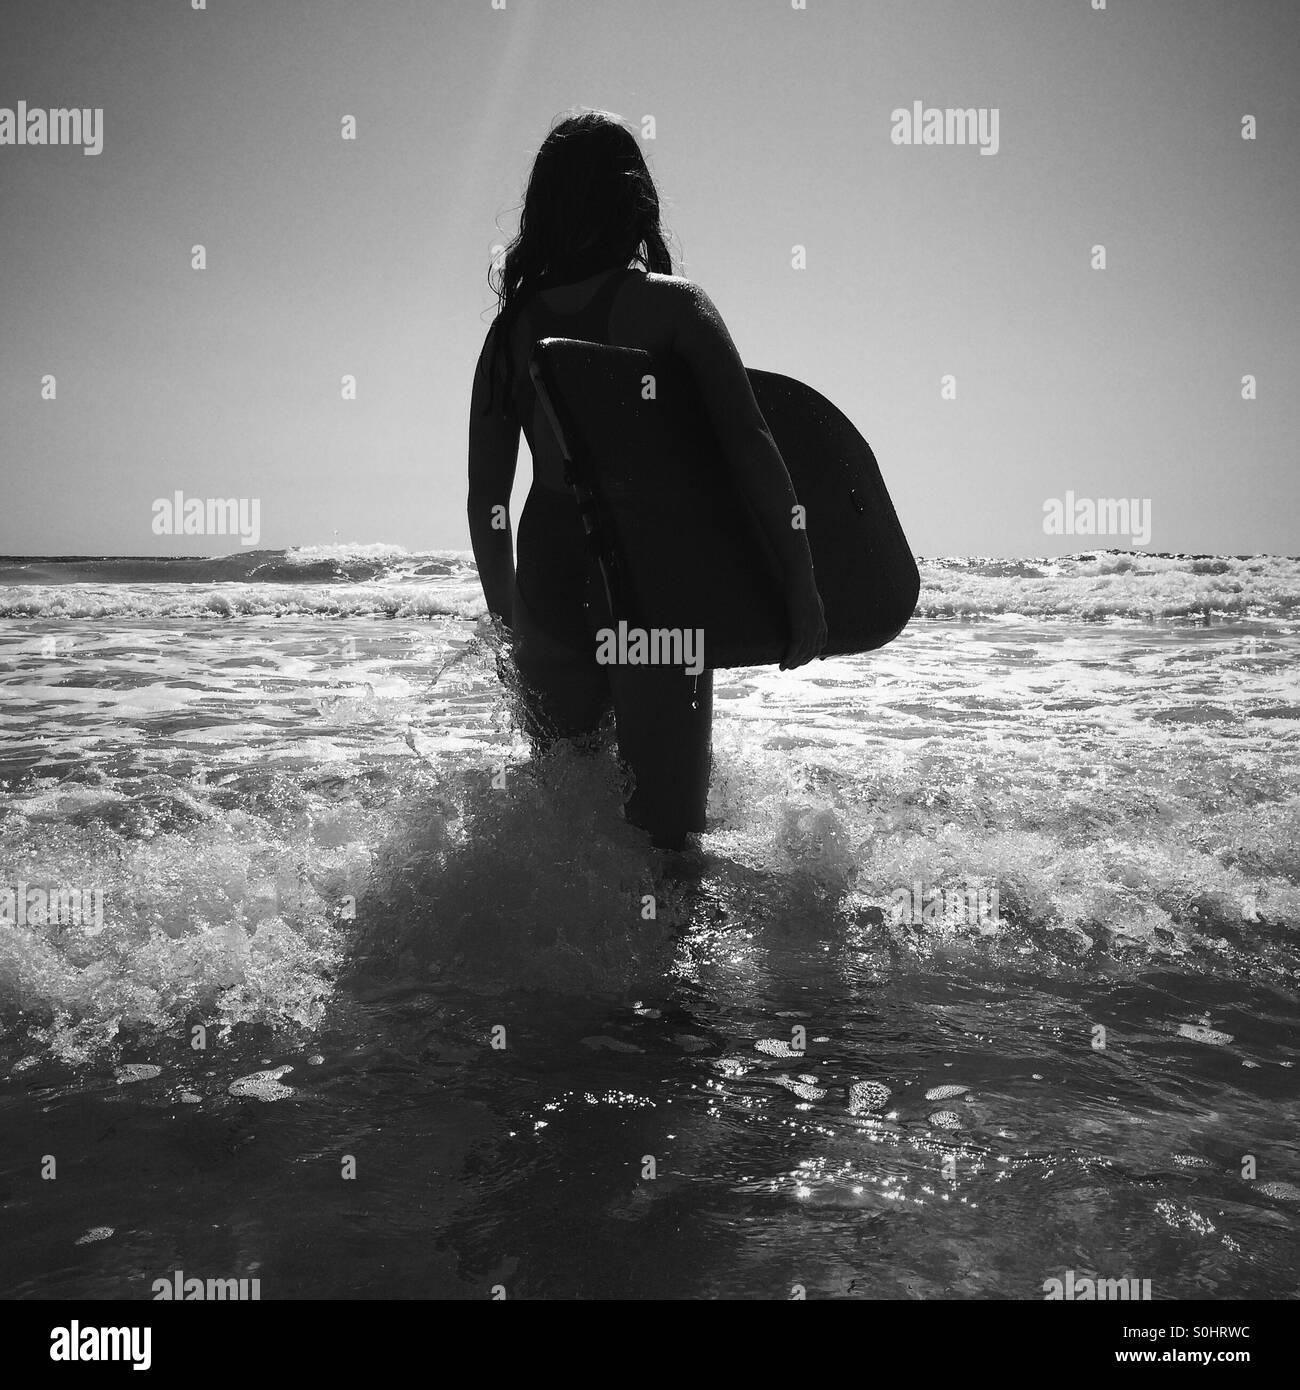 Fille sur le point de rendez-vous sur le surf, la plage de Falasarna, Crète, Grèce Photo Stock